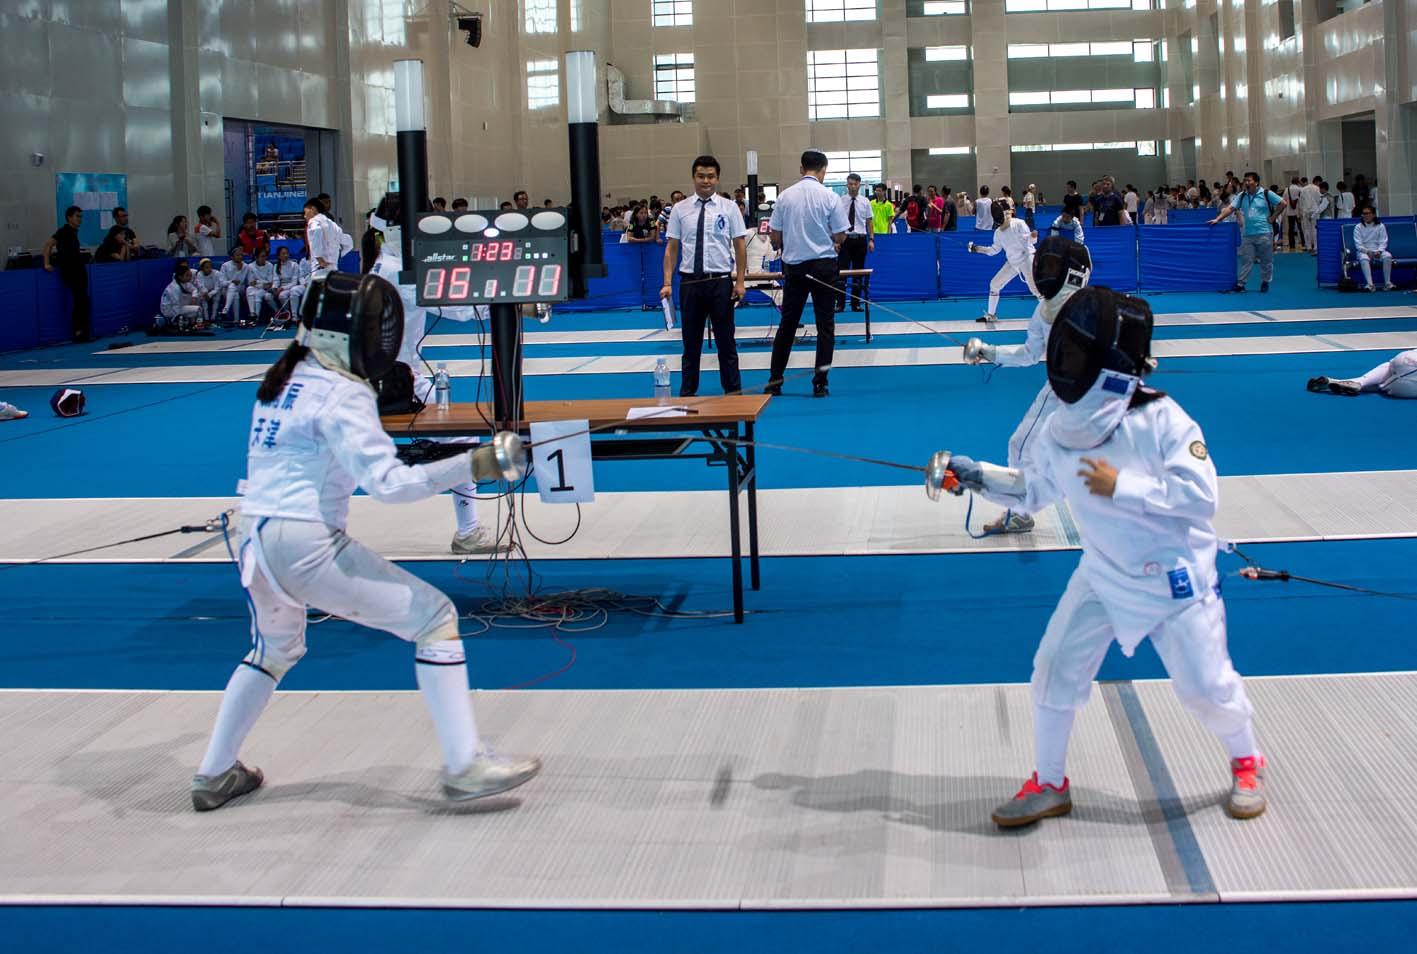 2017年天津市青少年锦标赛暨第十三届全运在怎么旋转布局图纸把天正图片